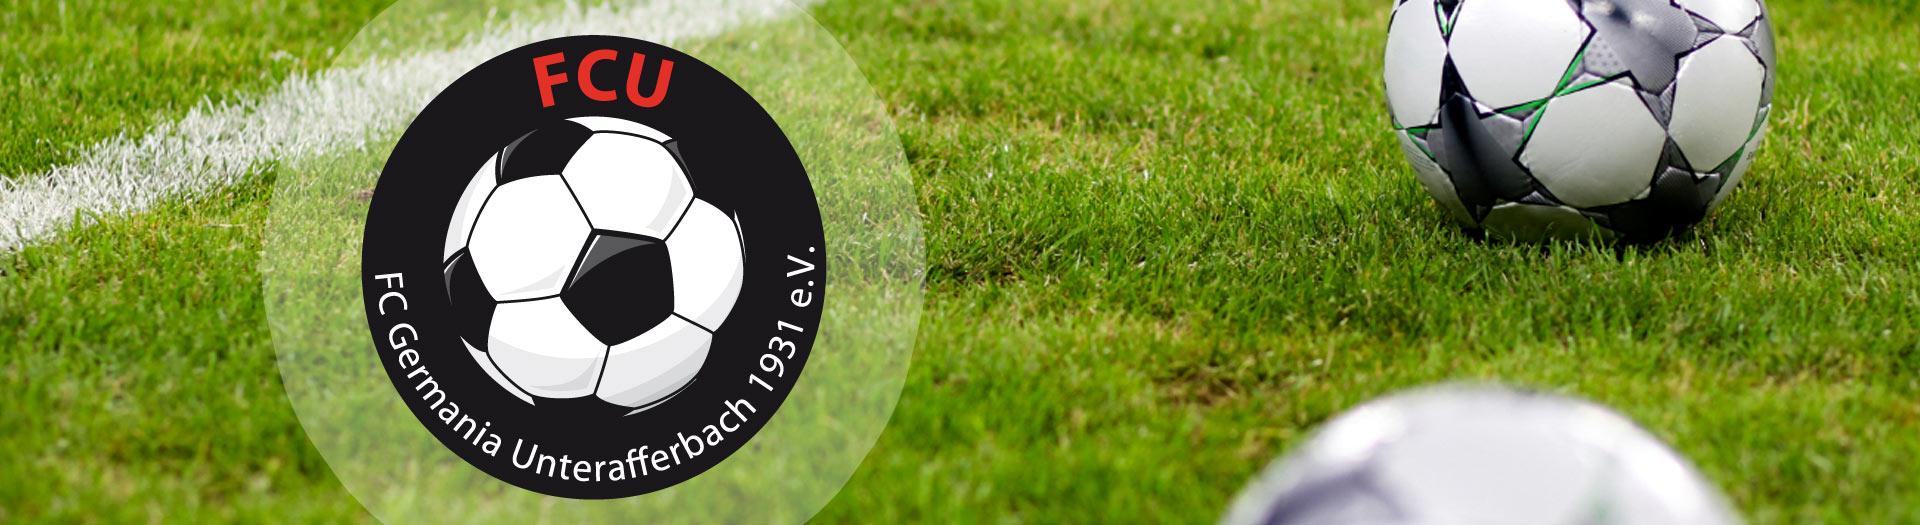 FC Unterafferbach